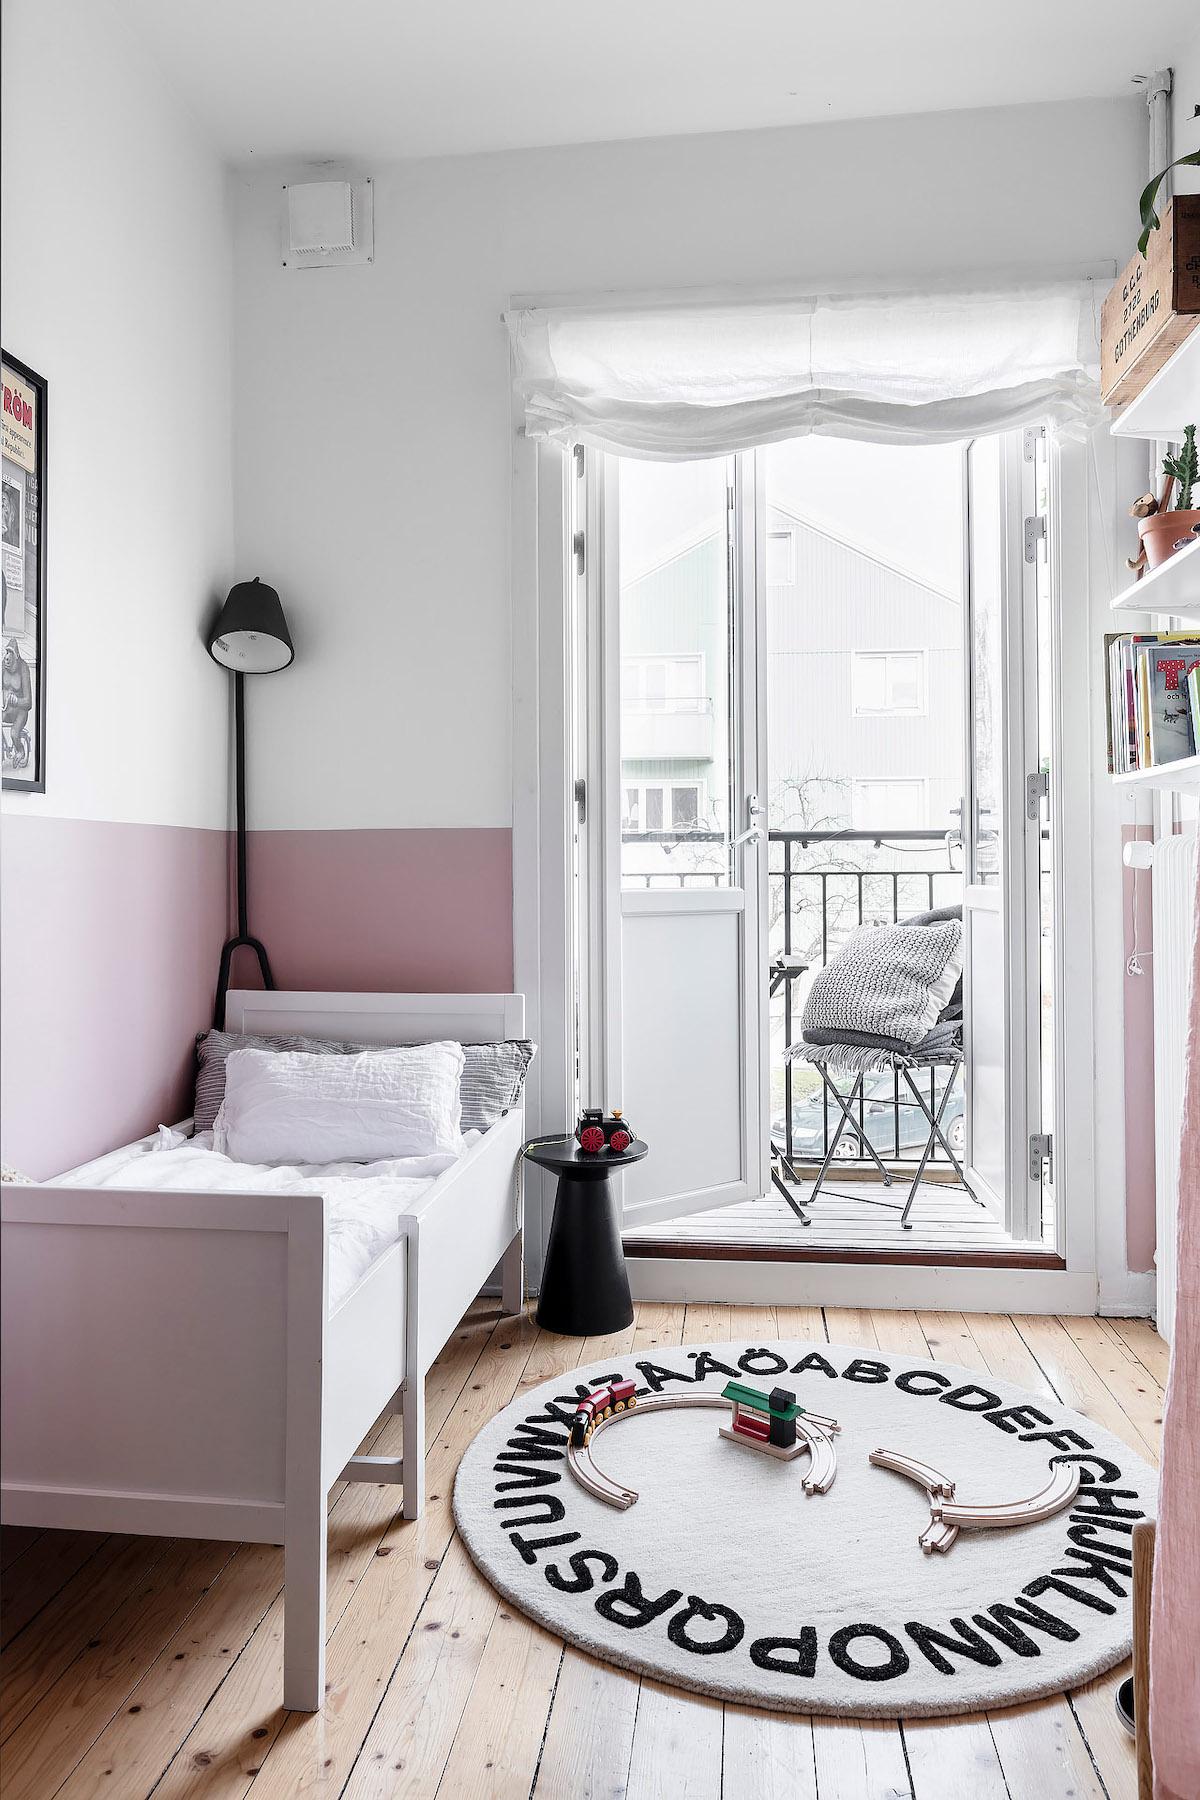 papier peint chambre enfant mur bicolore rose blanc table chevet noire - blog déco - clem around the corner